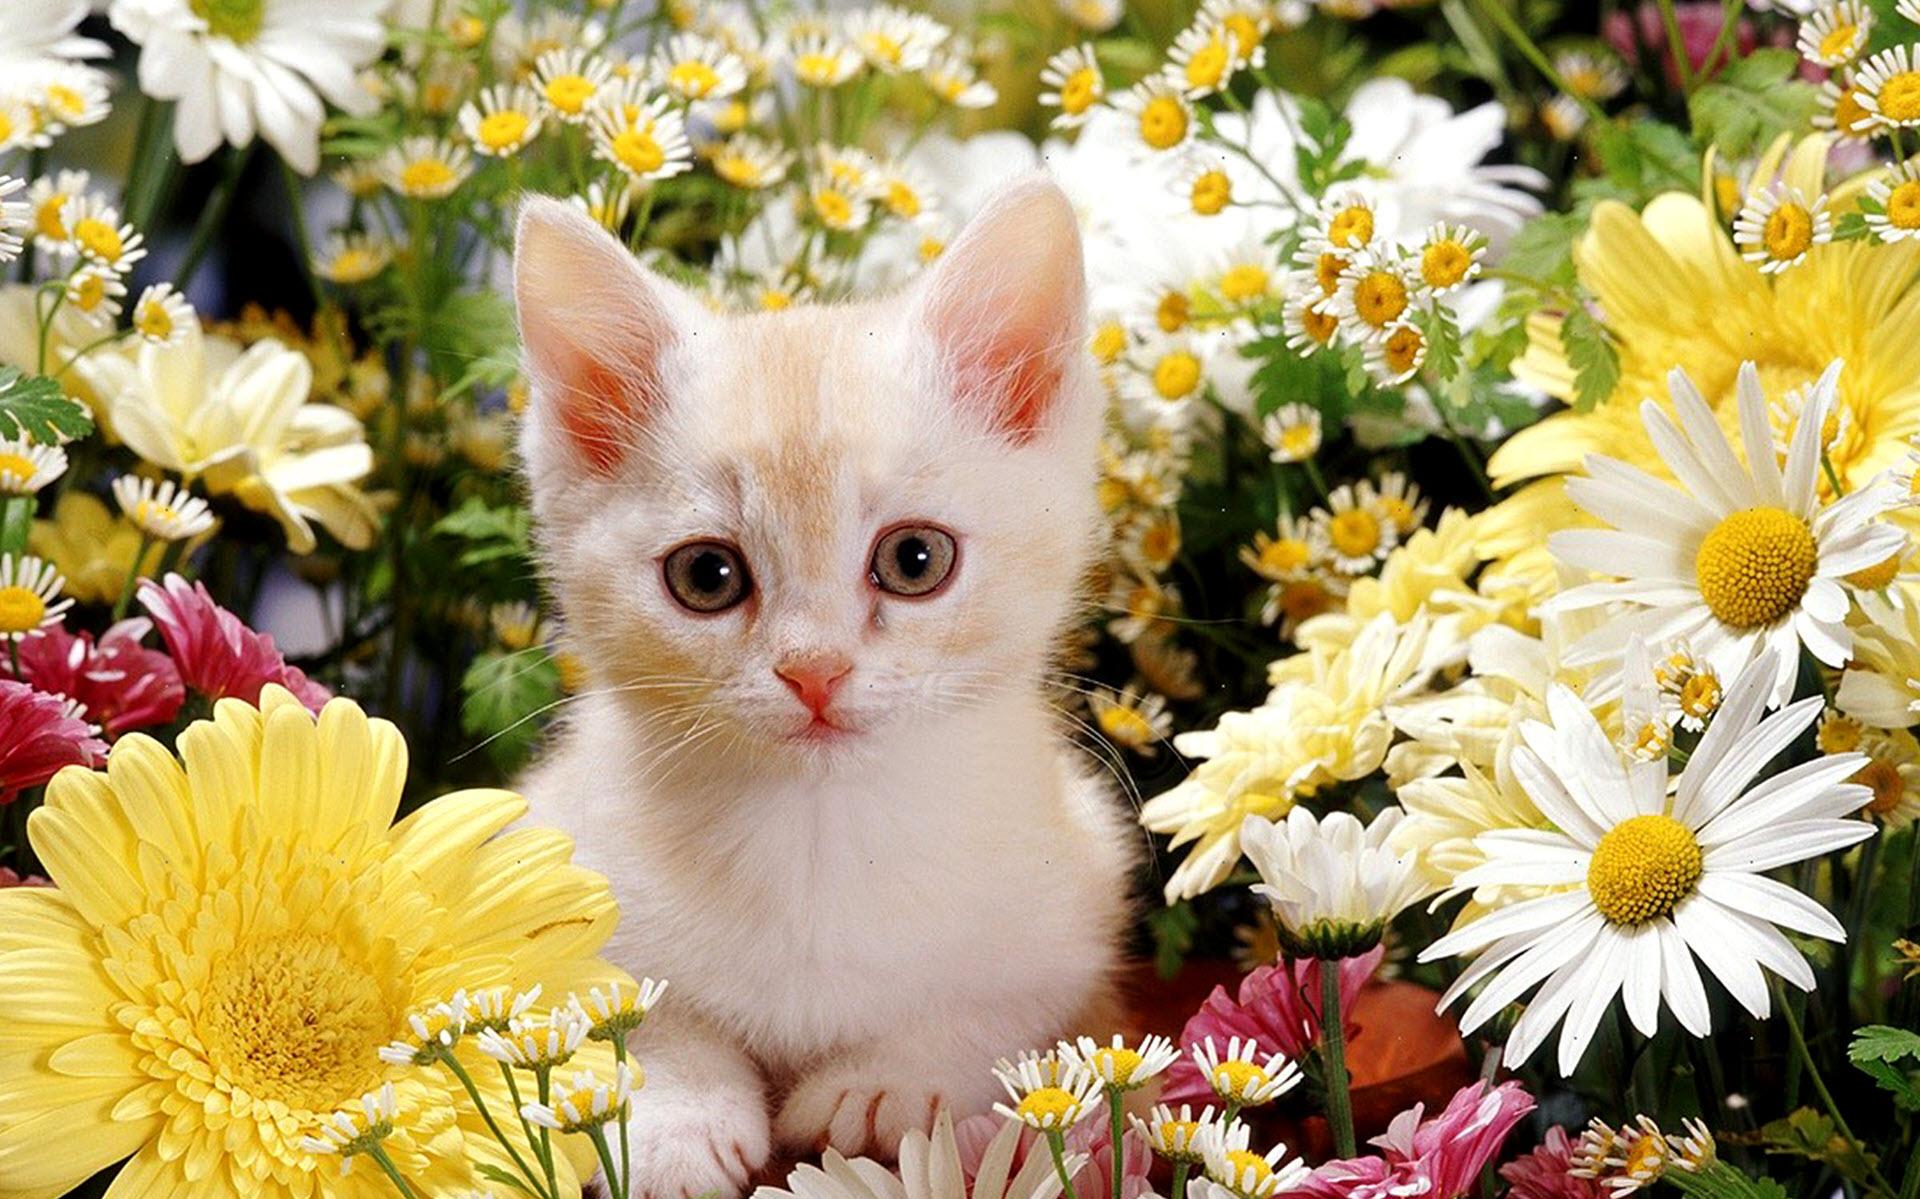 Hình nền chú mèo con giữa những bông hoa đẹp